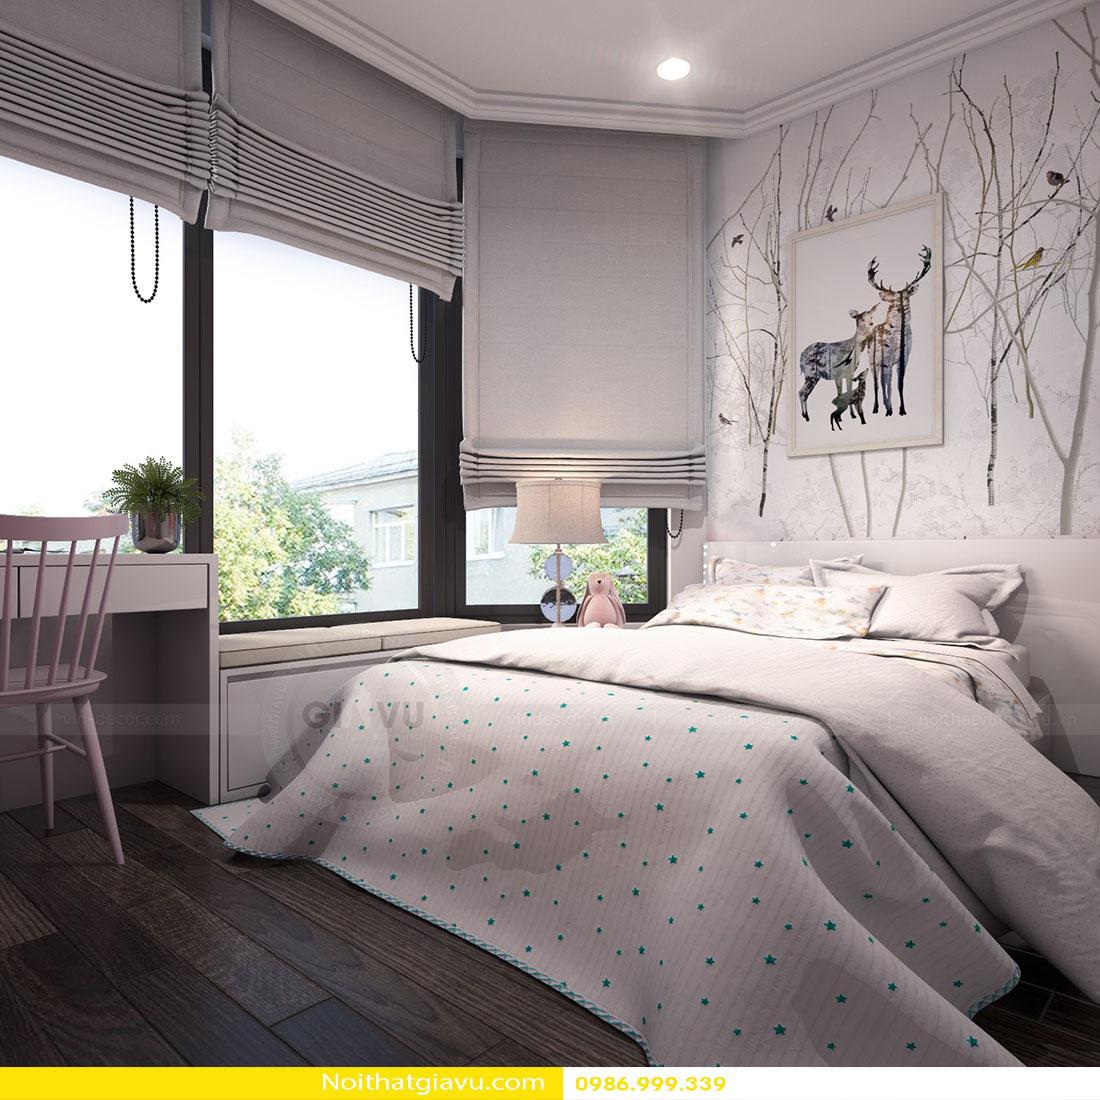 tư vấn thiết kế thi công nội thất chung cư tại Hà Nội 0986999339 13